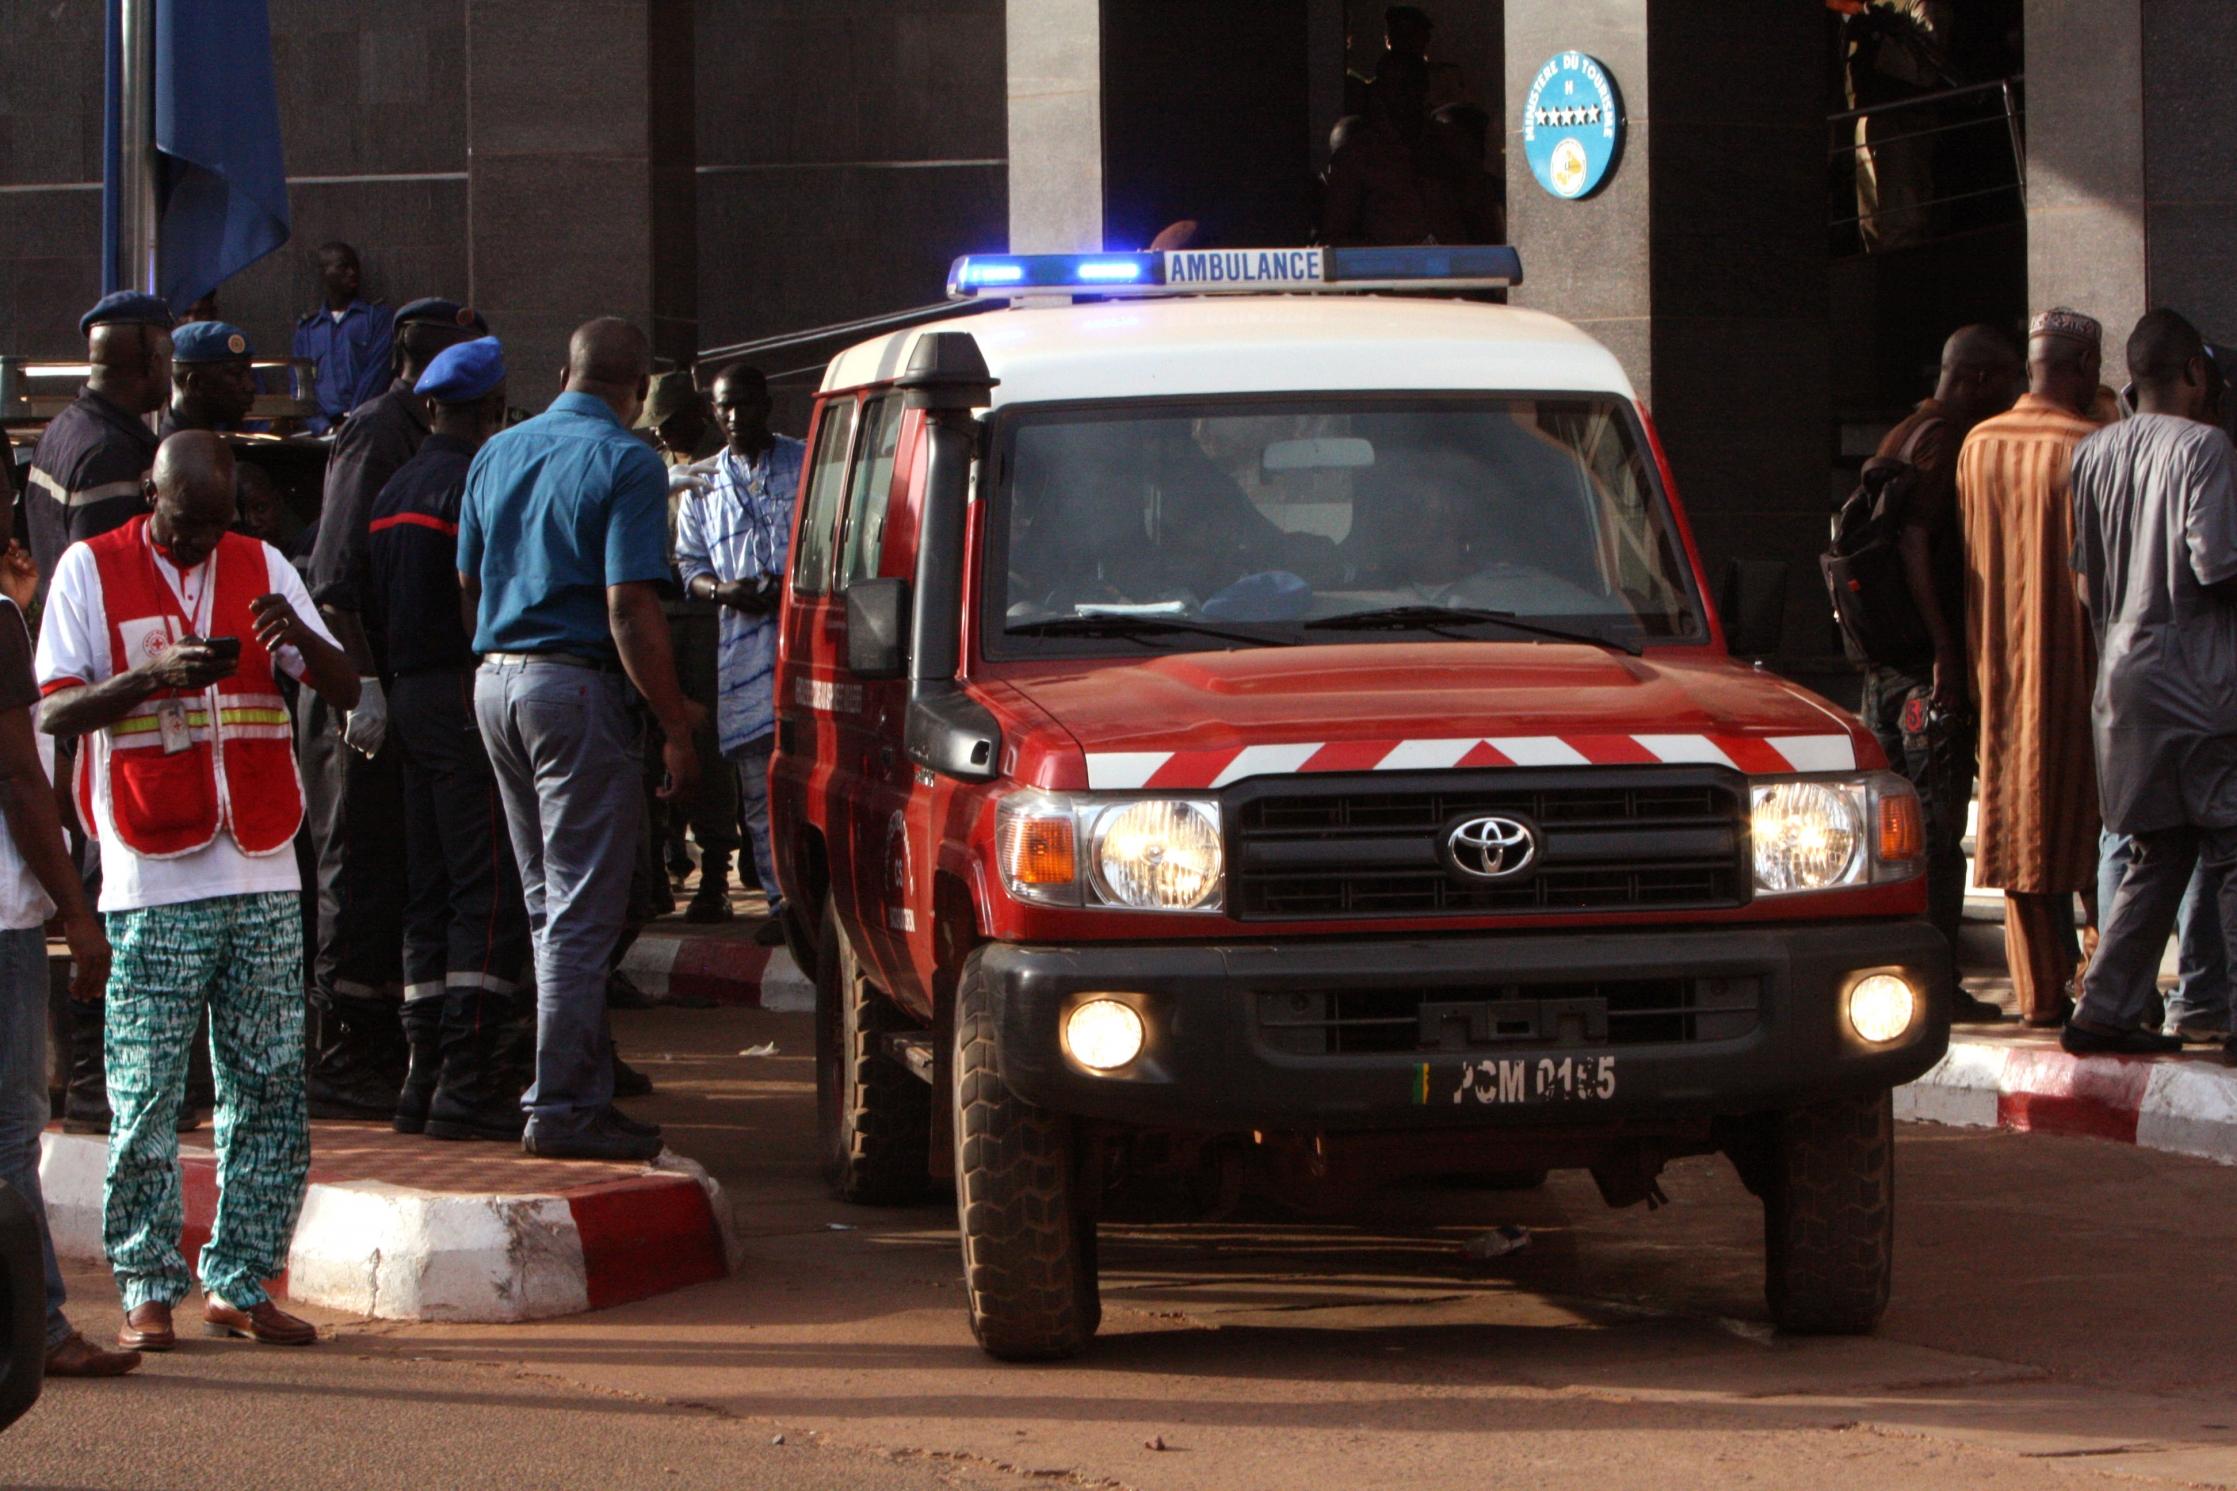 اکثر قربانیان عملیات گروگانگیری هتل رادیسون باماکو مالی اتباع خارجی هستند